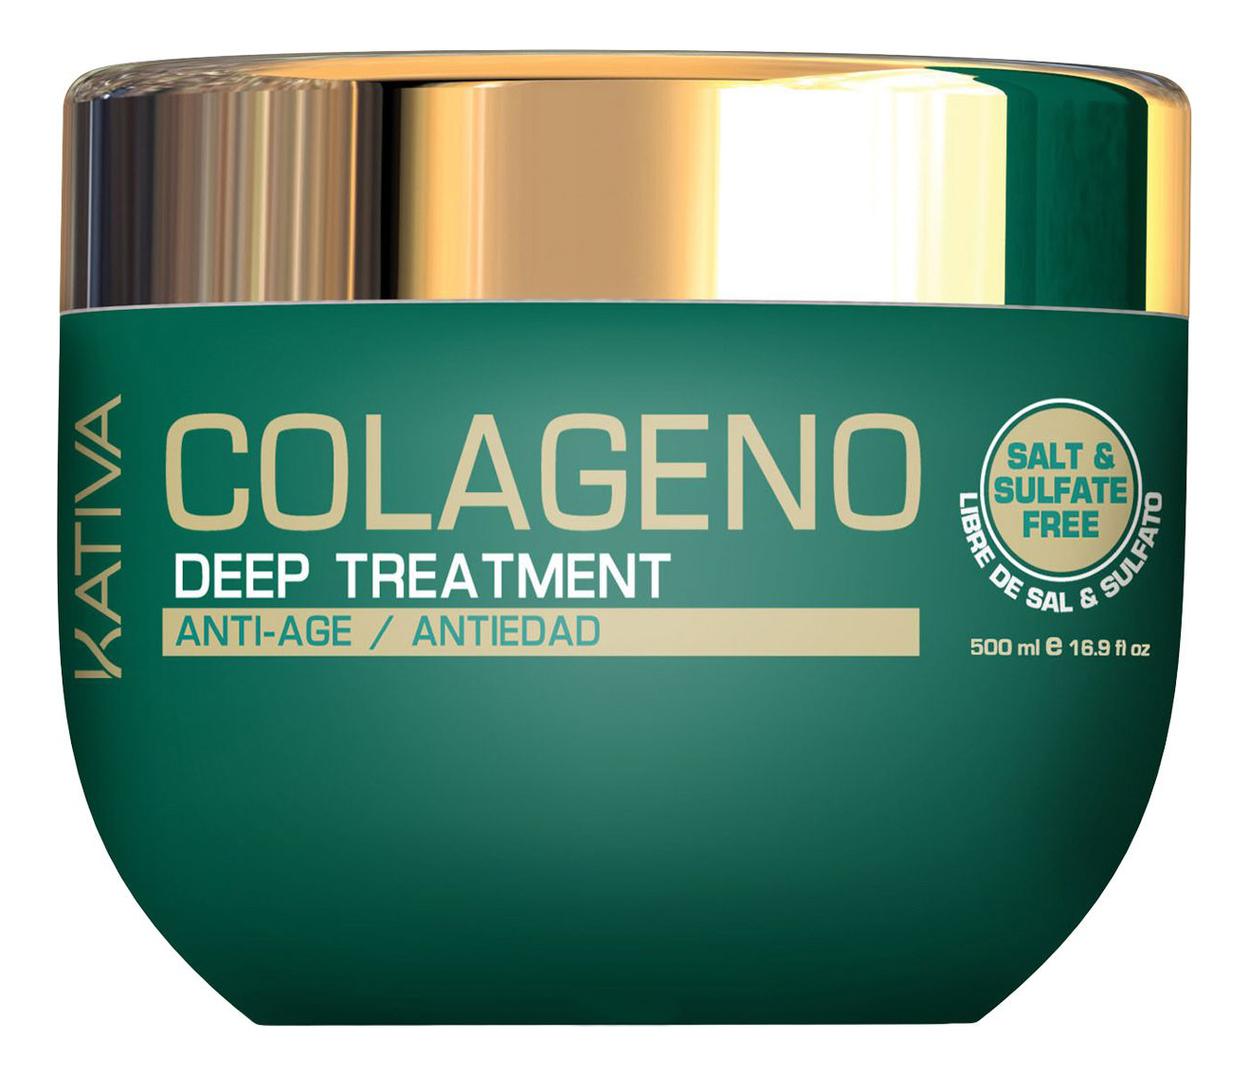 Фото - Интенсивный коллагеновый уход для волос Colageno Anti-Age Deep Treatment 500мл: Уход для волос 500мл спрей для волос восстанавливающий mugens zen care ss treatment 500мл